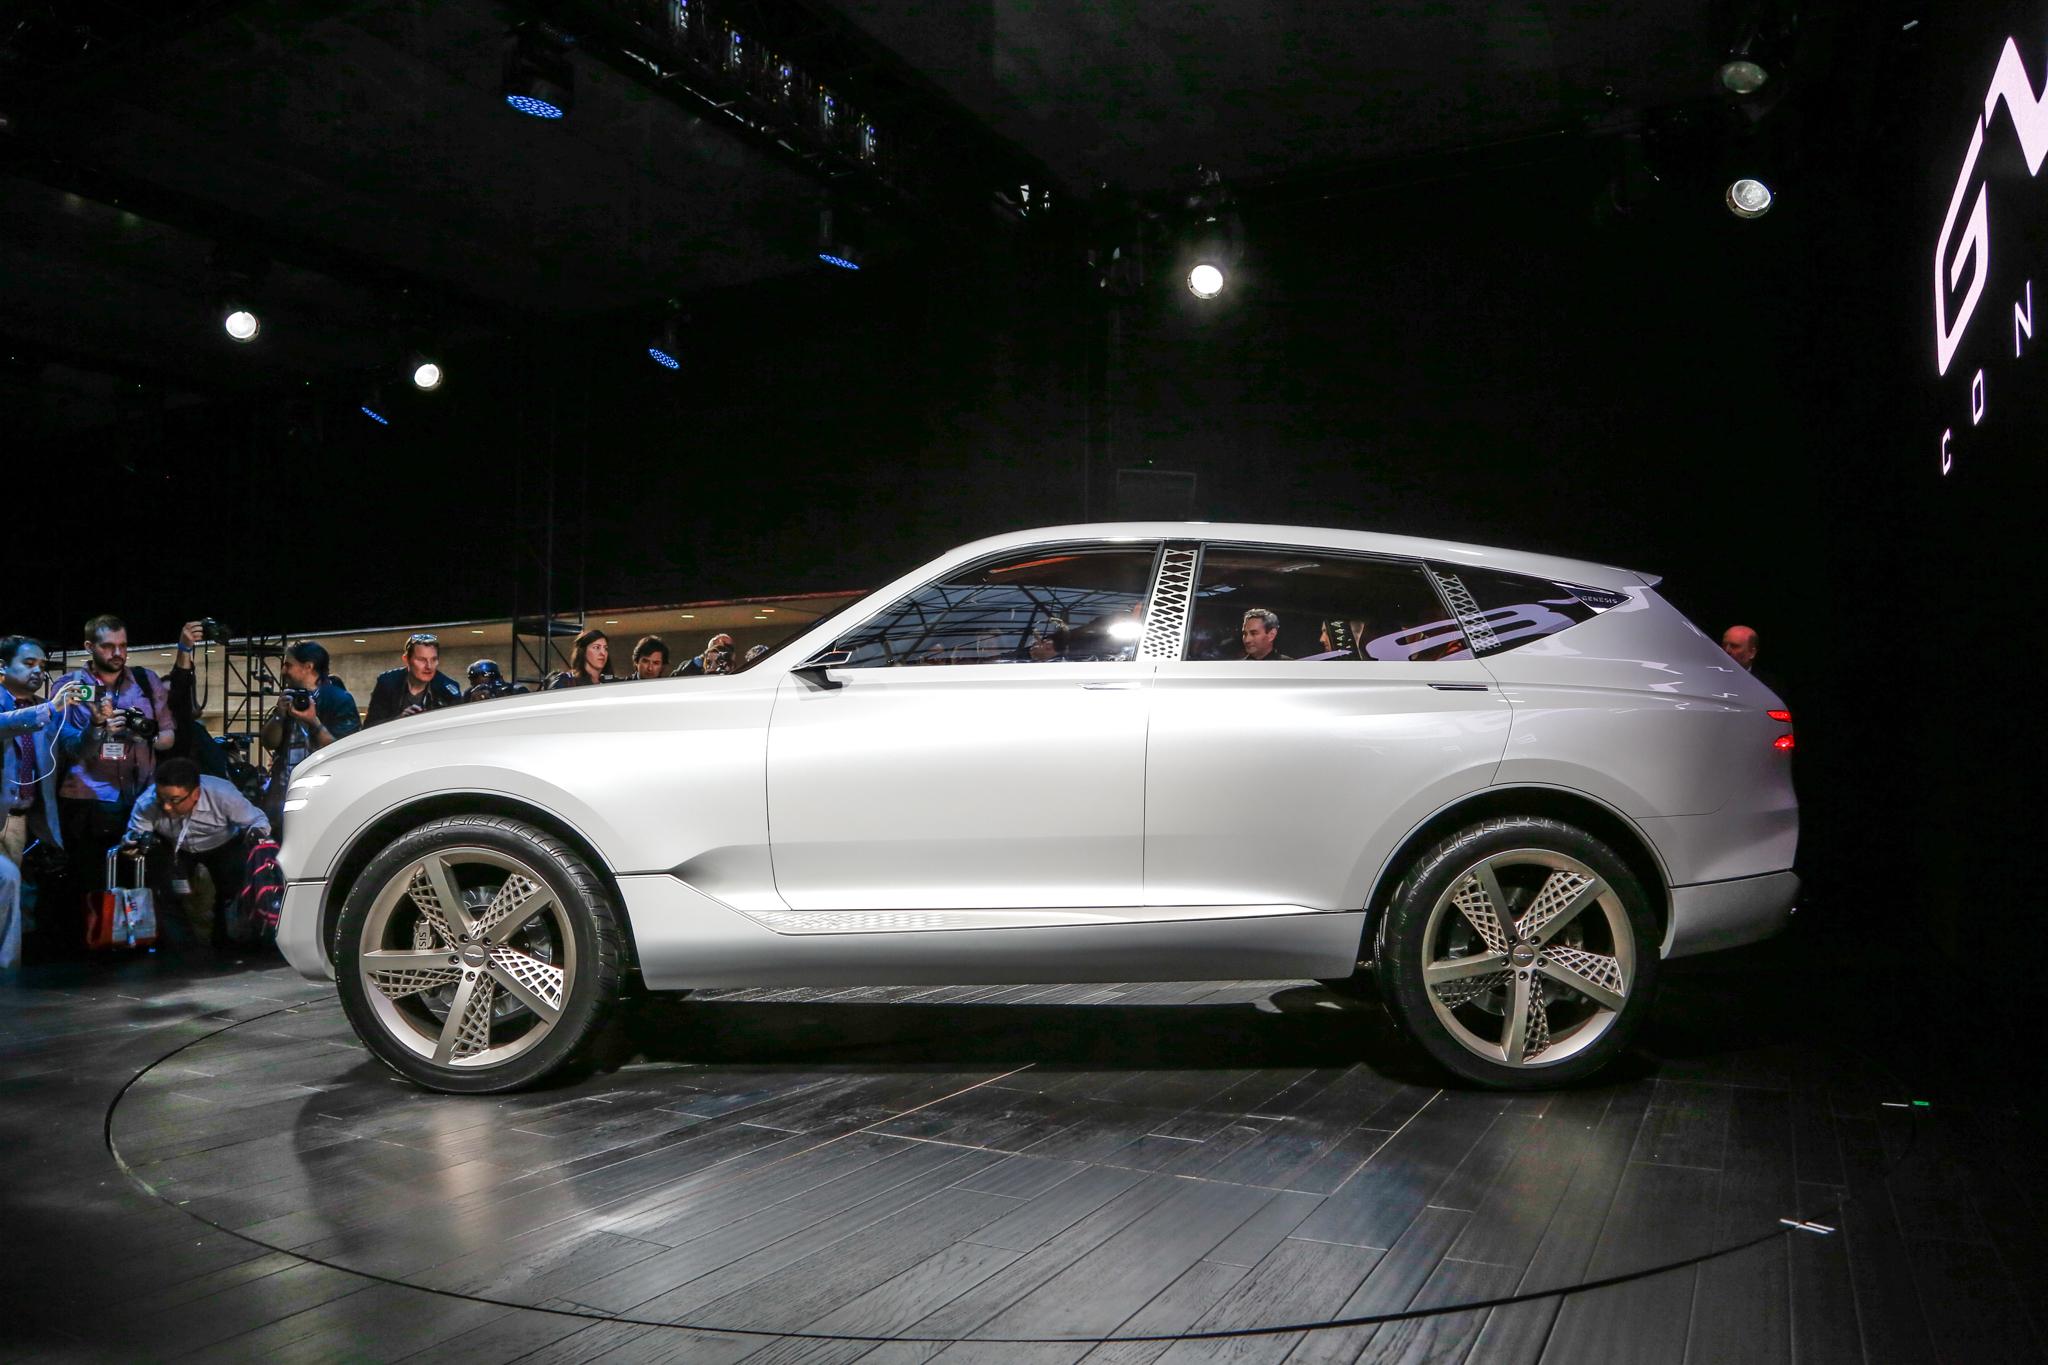 سومین مدل هیوندایی تا اواخر سال جاری معرفی میشود /// برای دیدن SUV های این برند تا 2021 صبر کنید